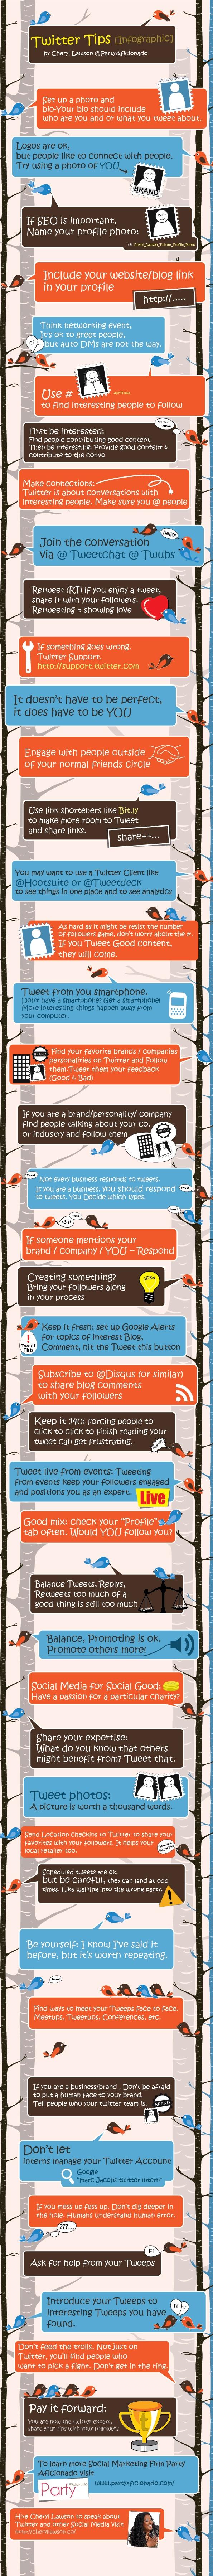 #Twitter tips